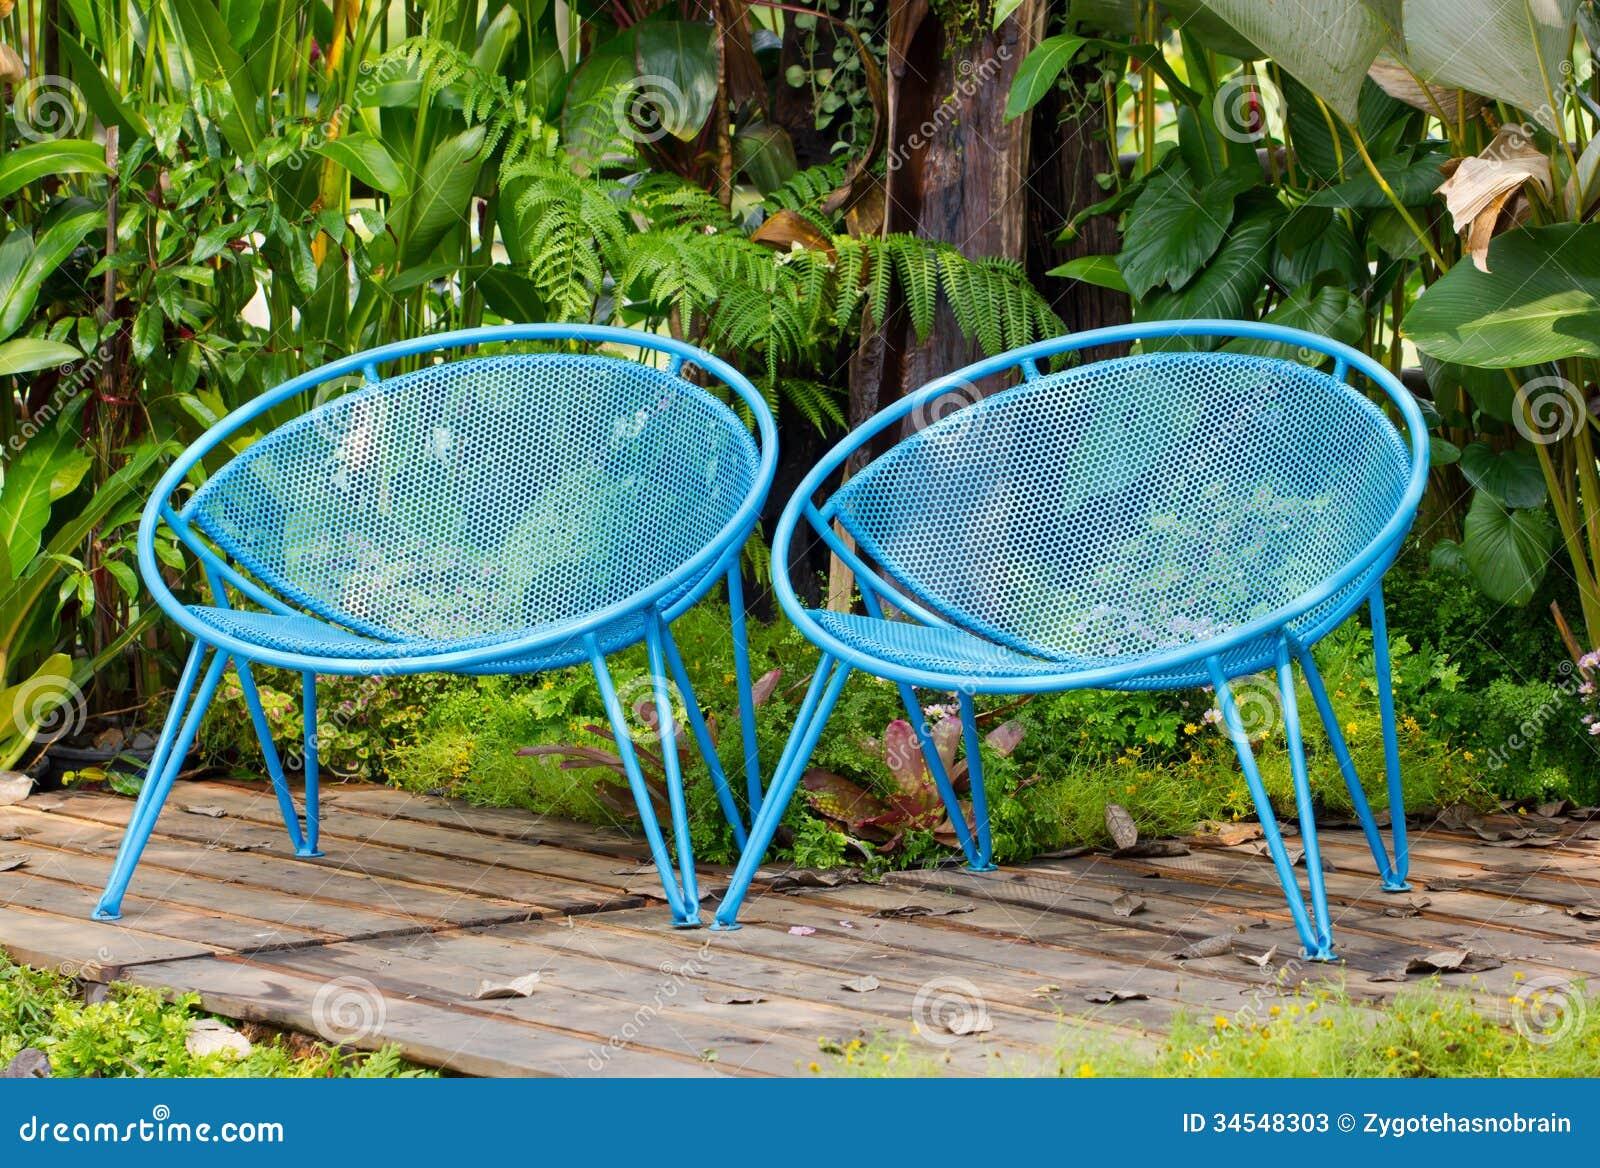 Blaue Garten Metallstühle Stockbild Bild Von Rasen 34548303